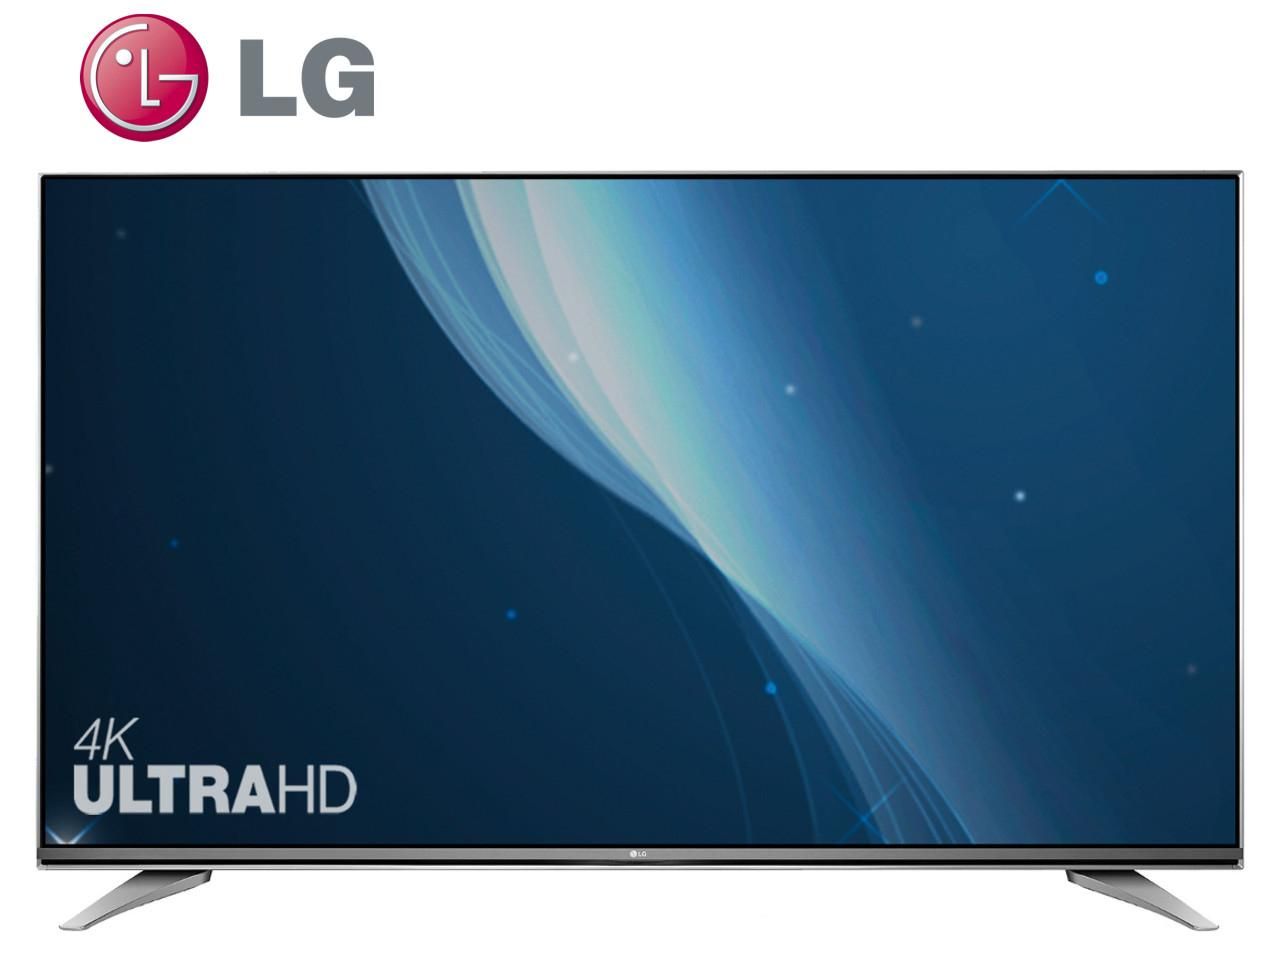 LG 49UH750V + 700 Kč na dárky nebo další nákup | CHAT on-line podpora PO-PÁ 8-22.00!!